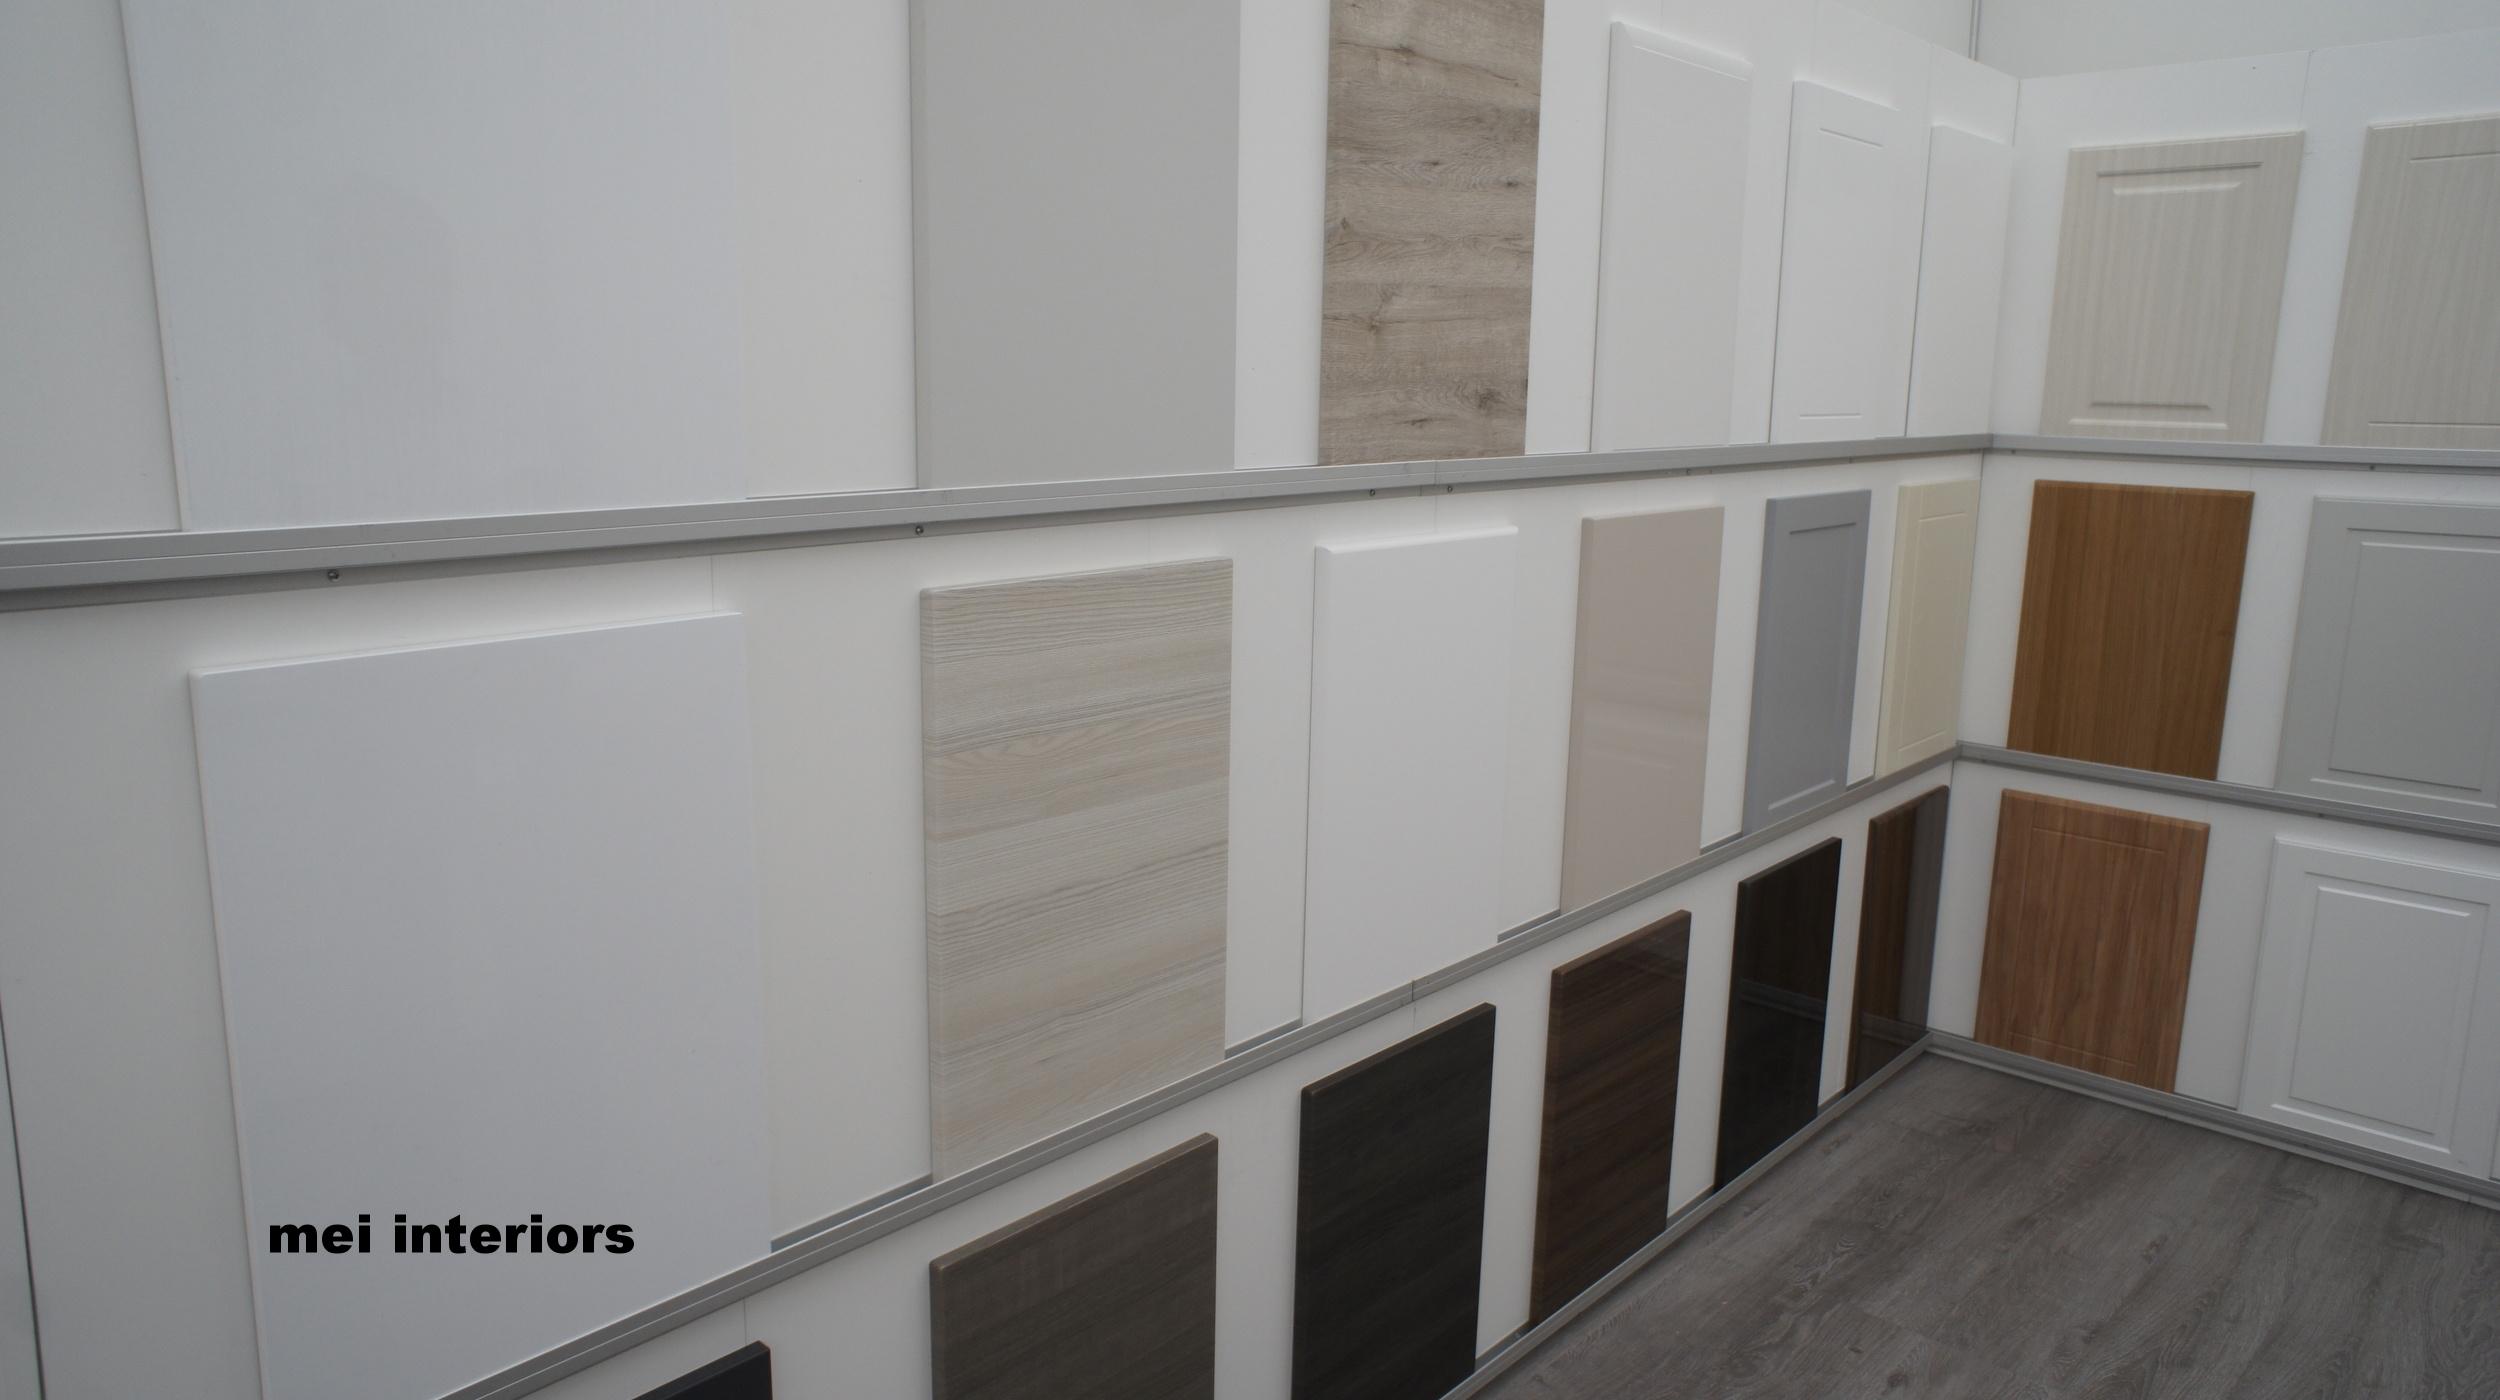 cabinetry doors